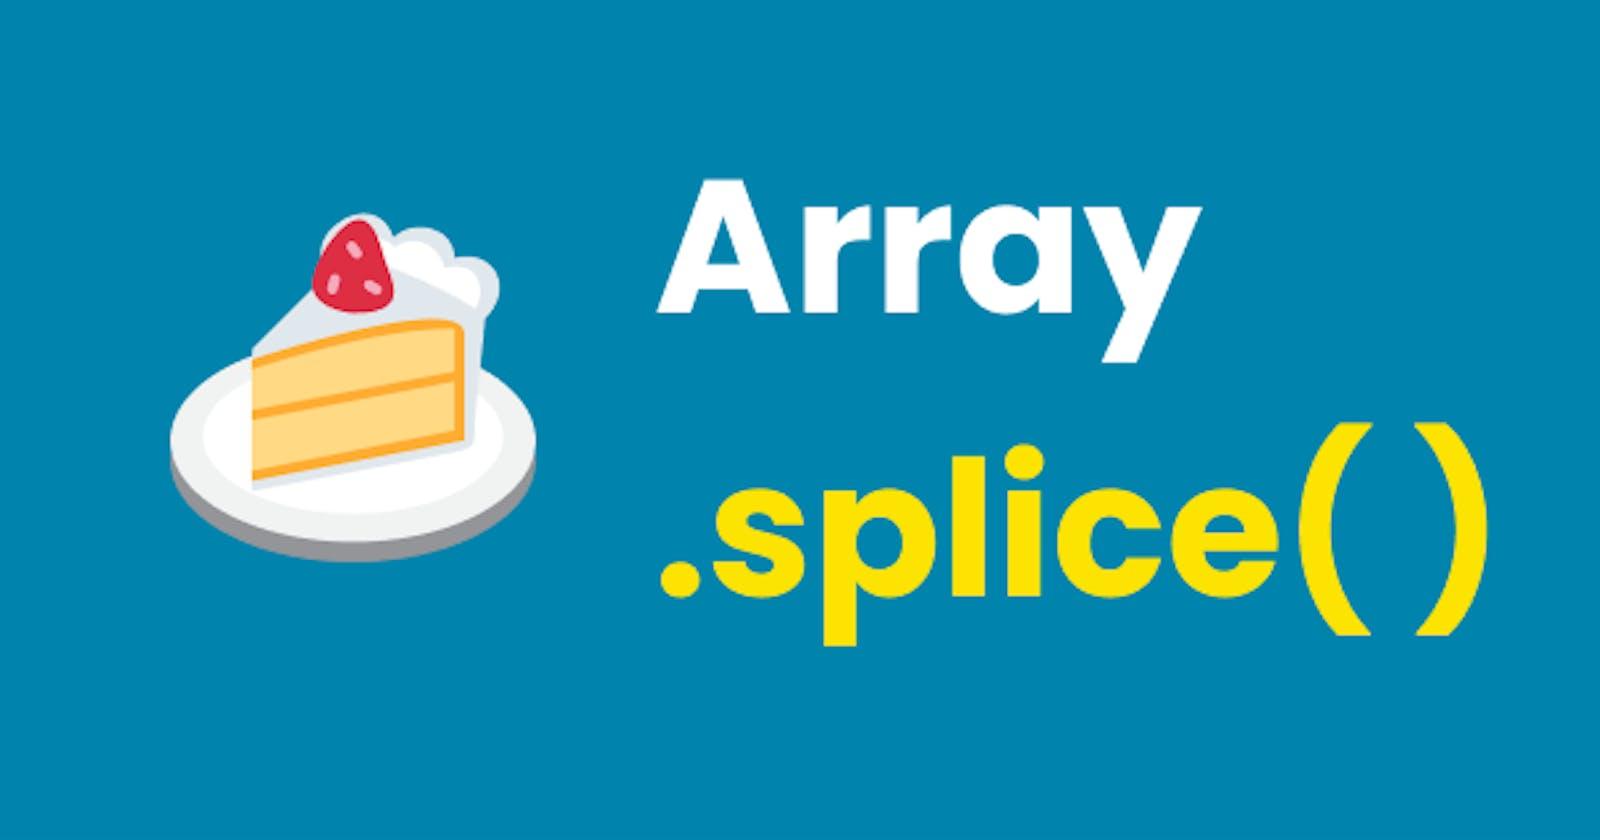 Insertar un elemento en una posición específica de un Array en Javascript